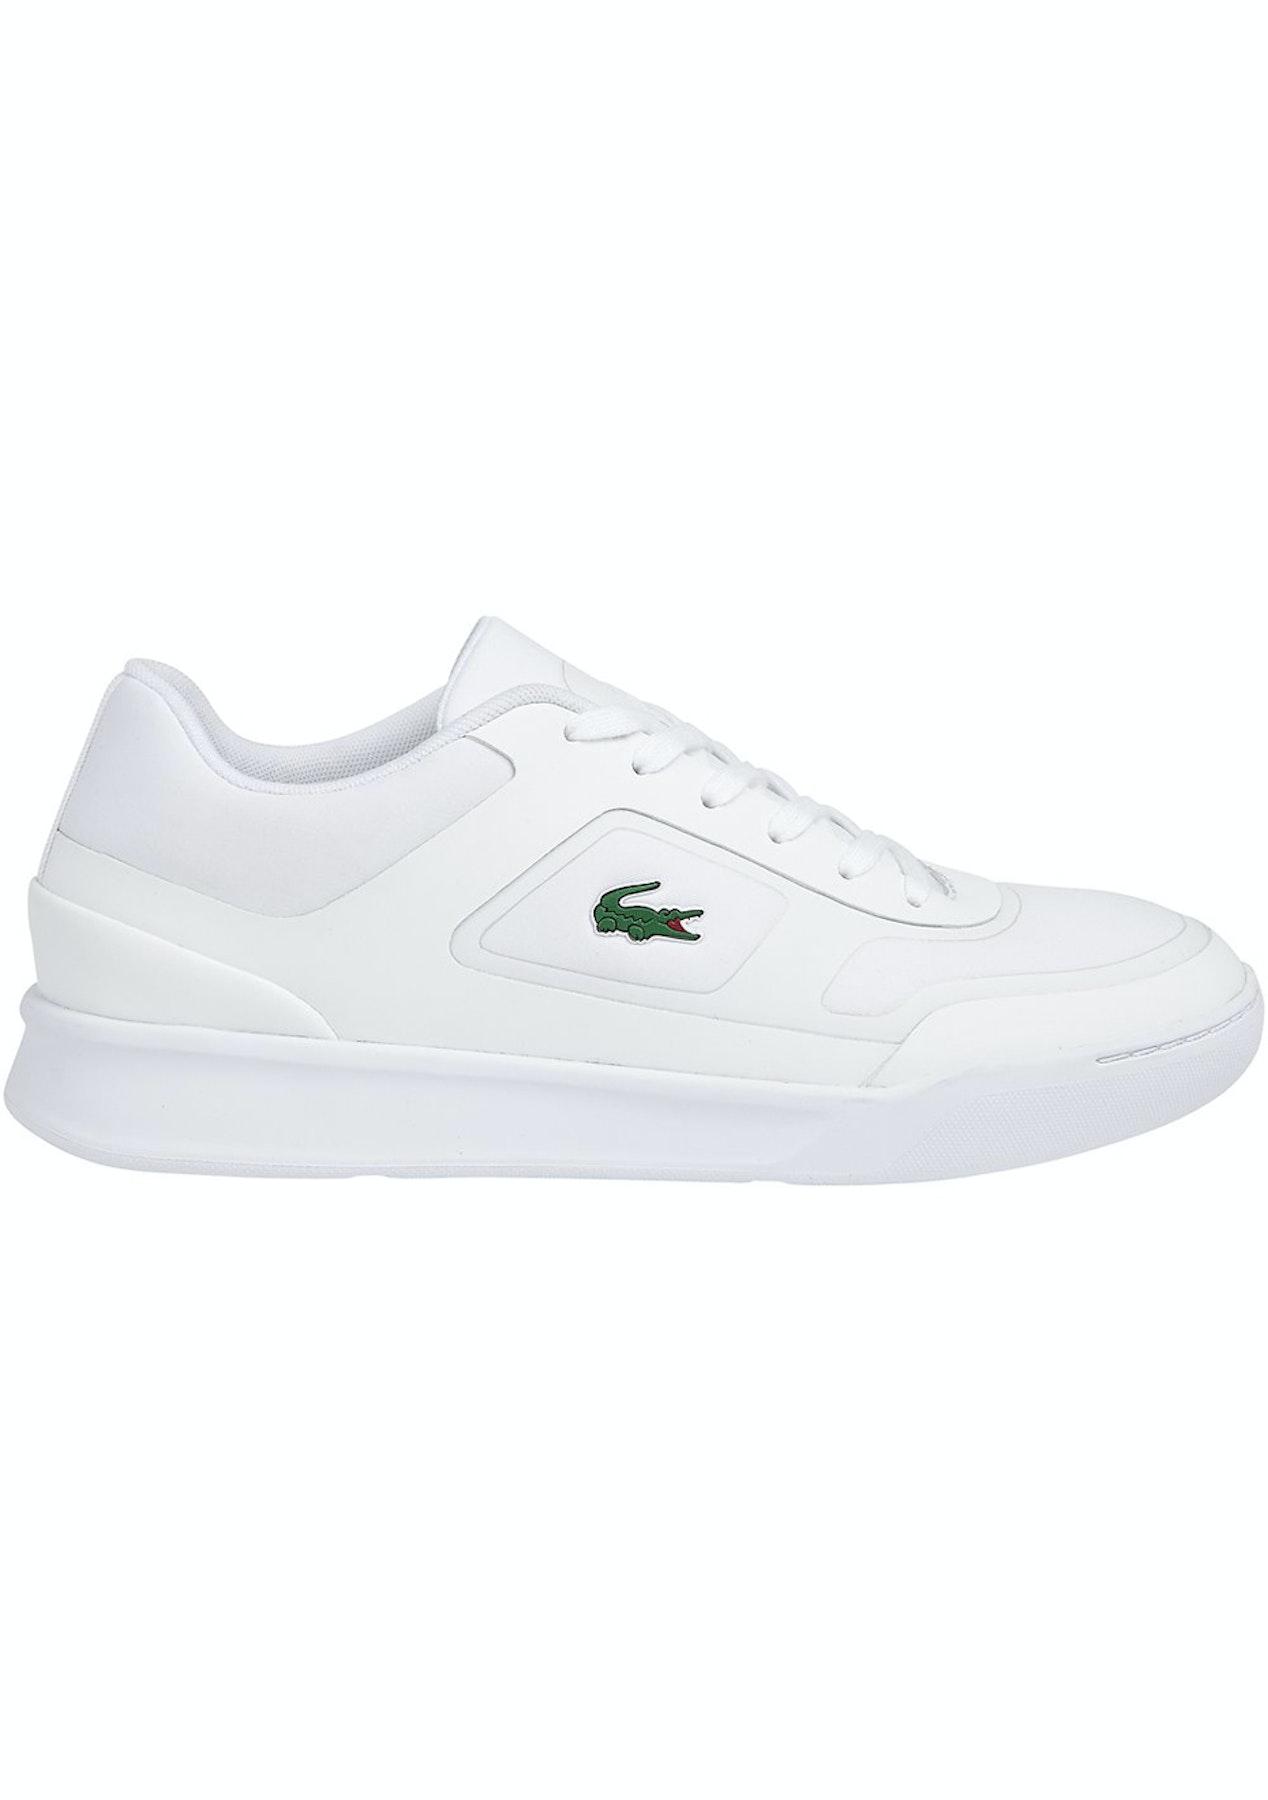 9f504ddba Mens Lacoste - Explorateur Sport 316 1 - White - Mens Shoe Sale - Onceit